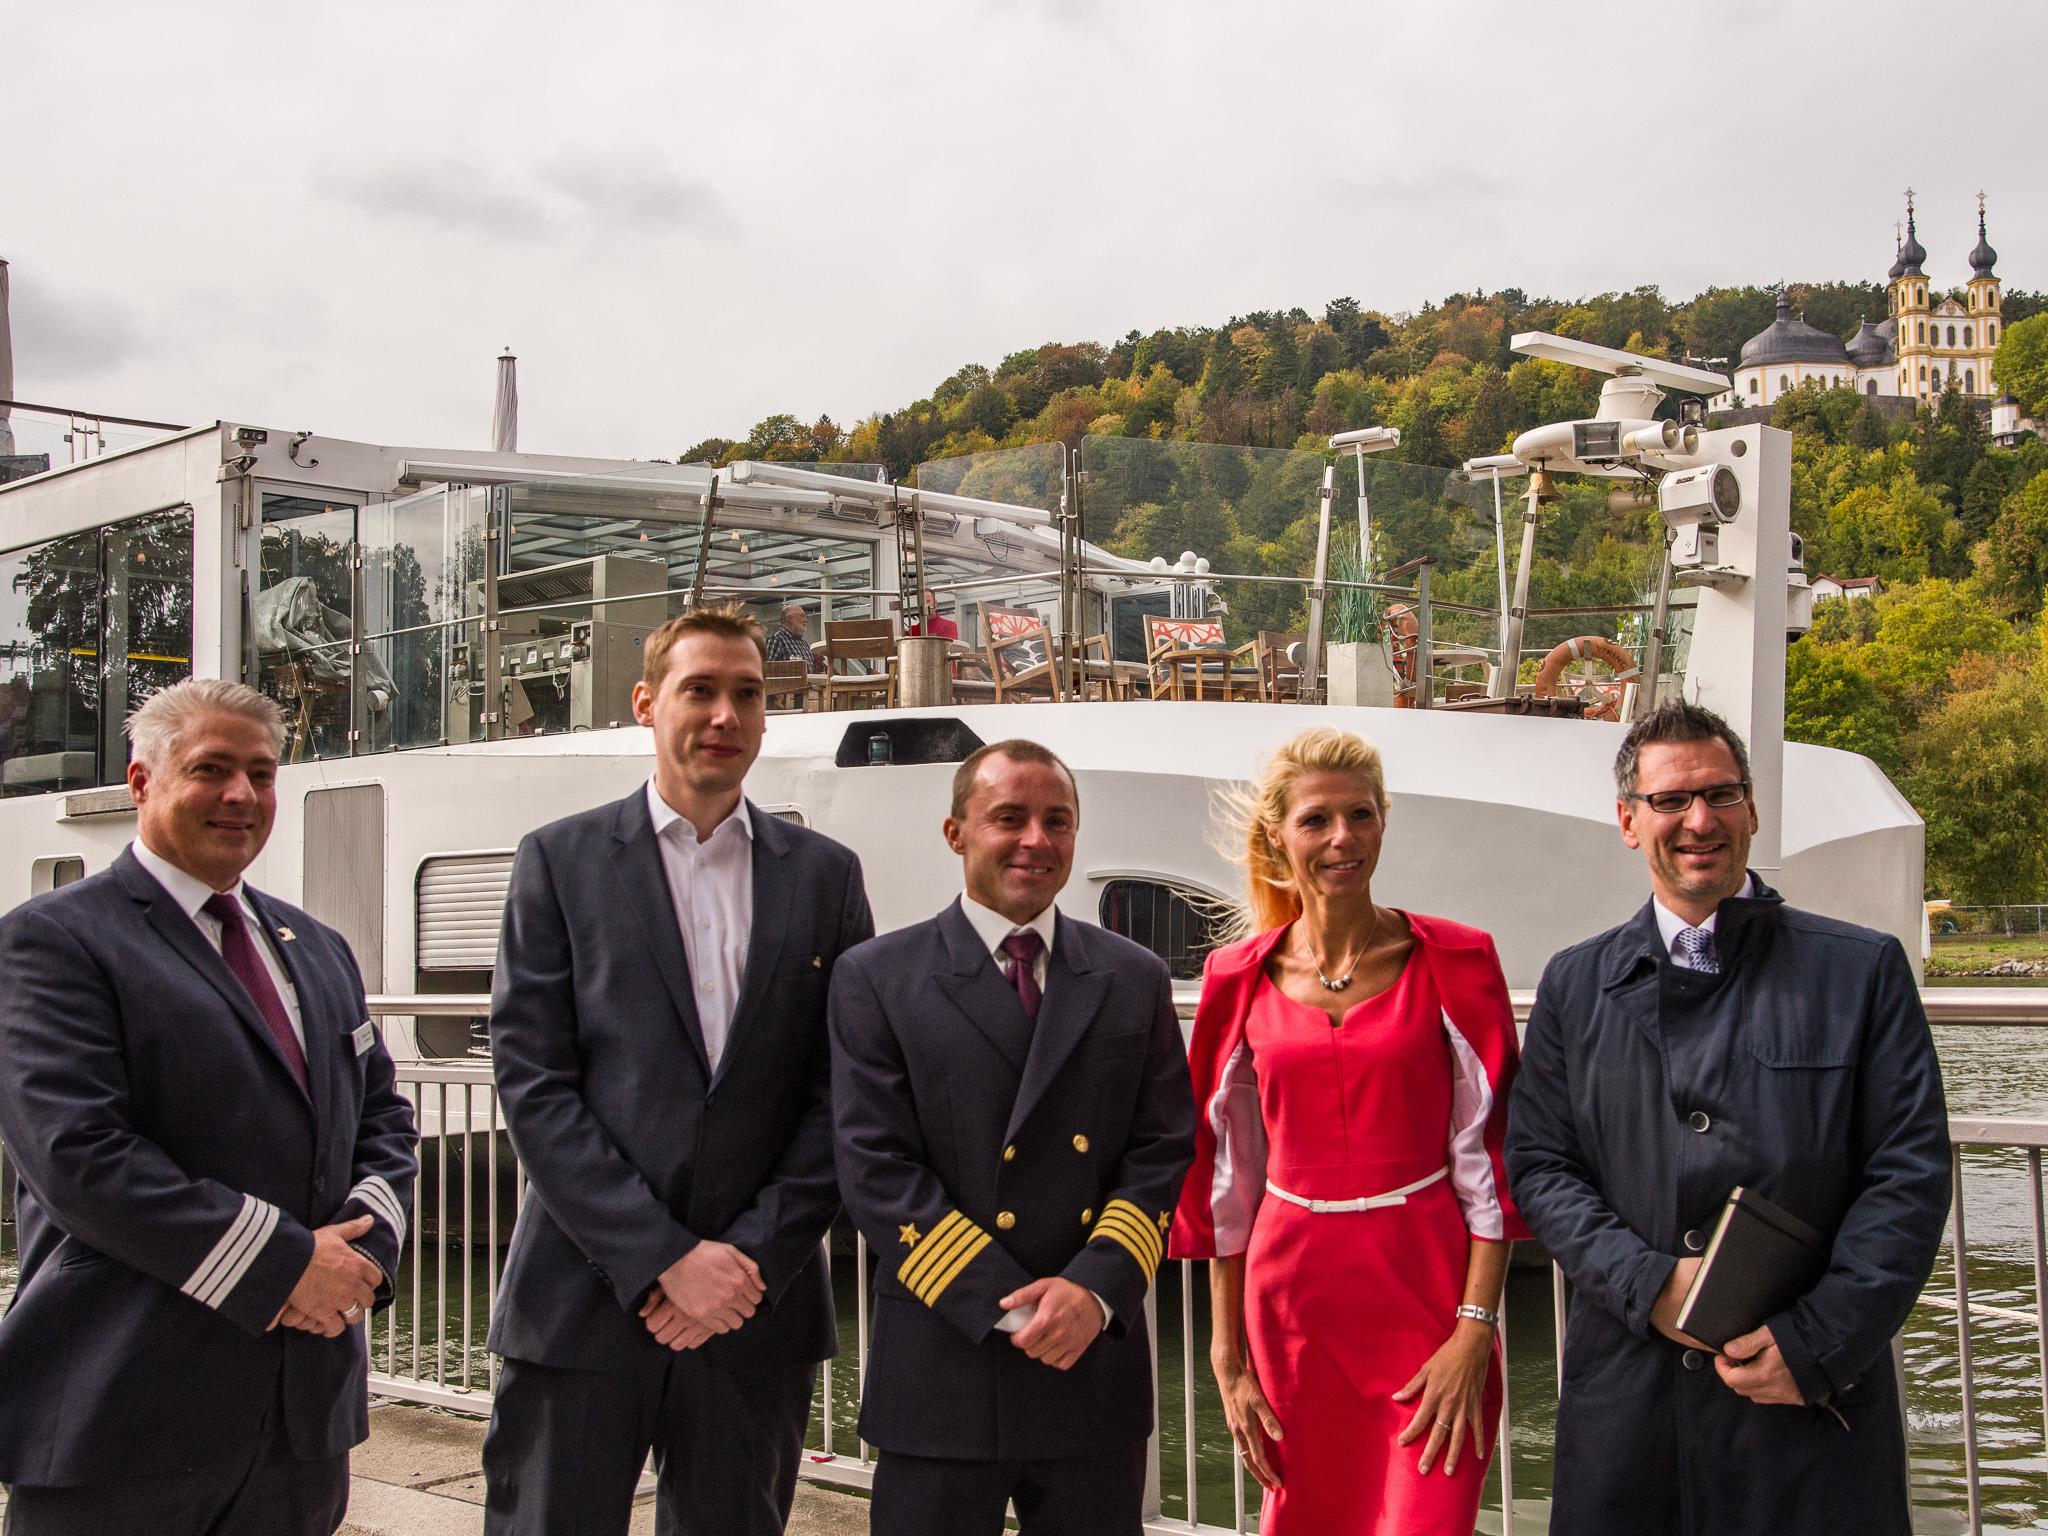 Die Crew des Kreuzfahrtschiffes wurde in Würzburg begrüßt. Foto: Pascal Höfig